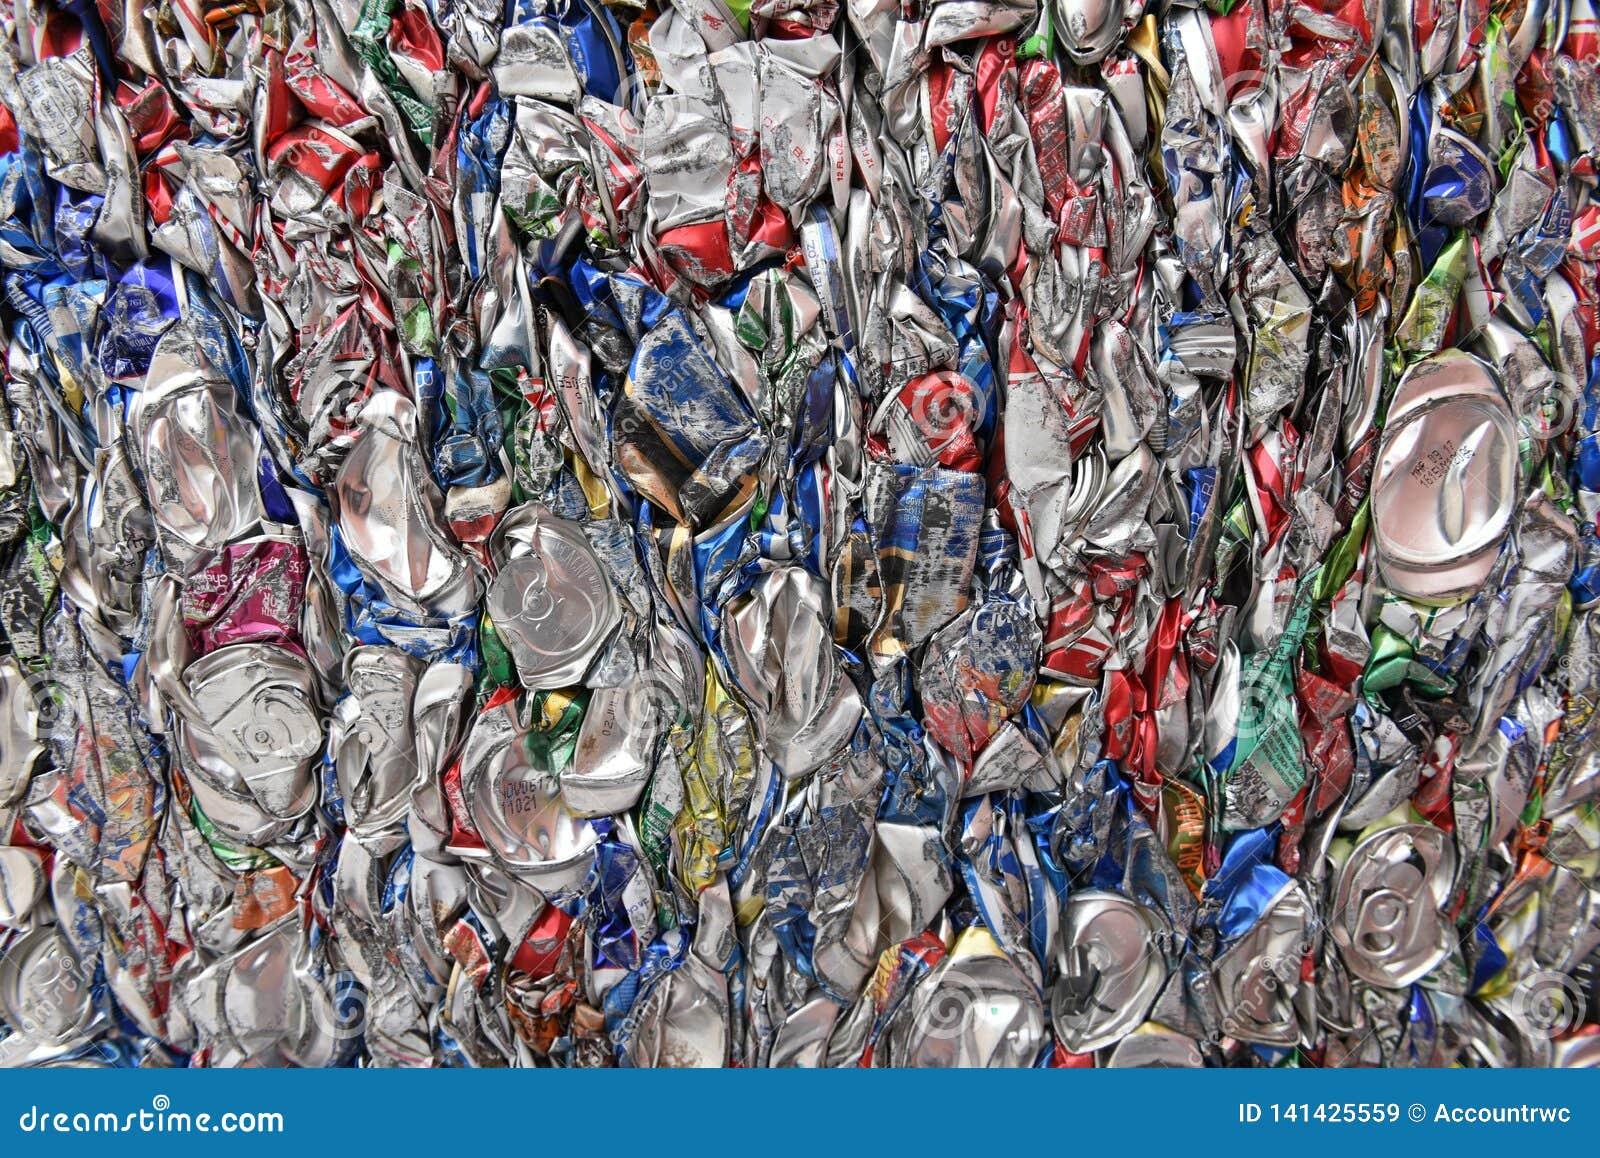 Samengeperst, verpletterd, brak, afgevlakte aluminiumsoda en bierblikken voor schroot recycling